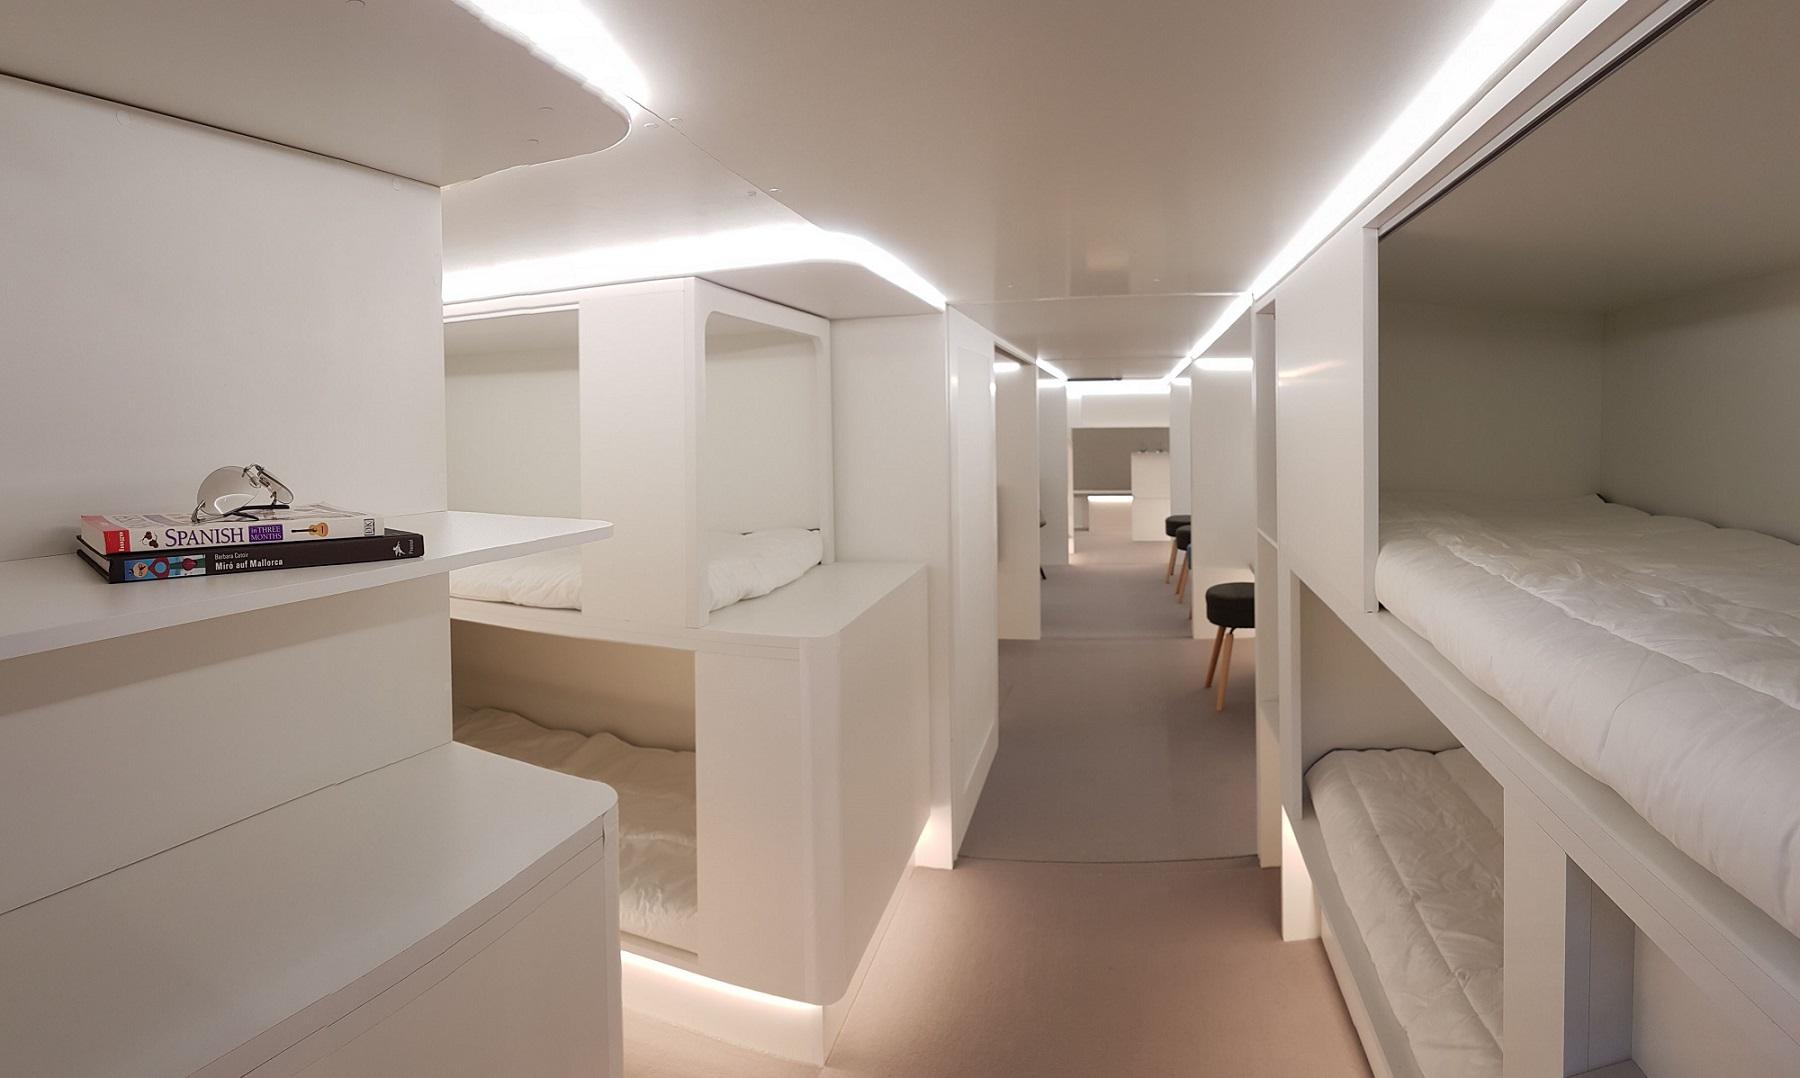 Camas en avión de Airbus